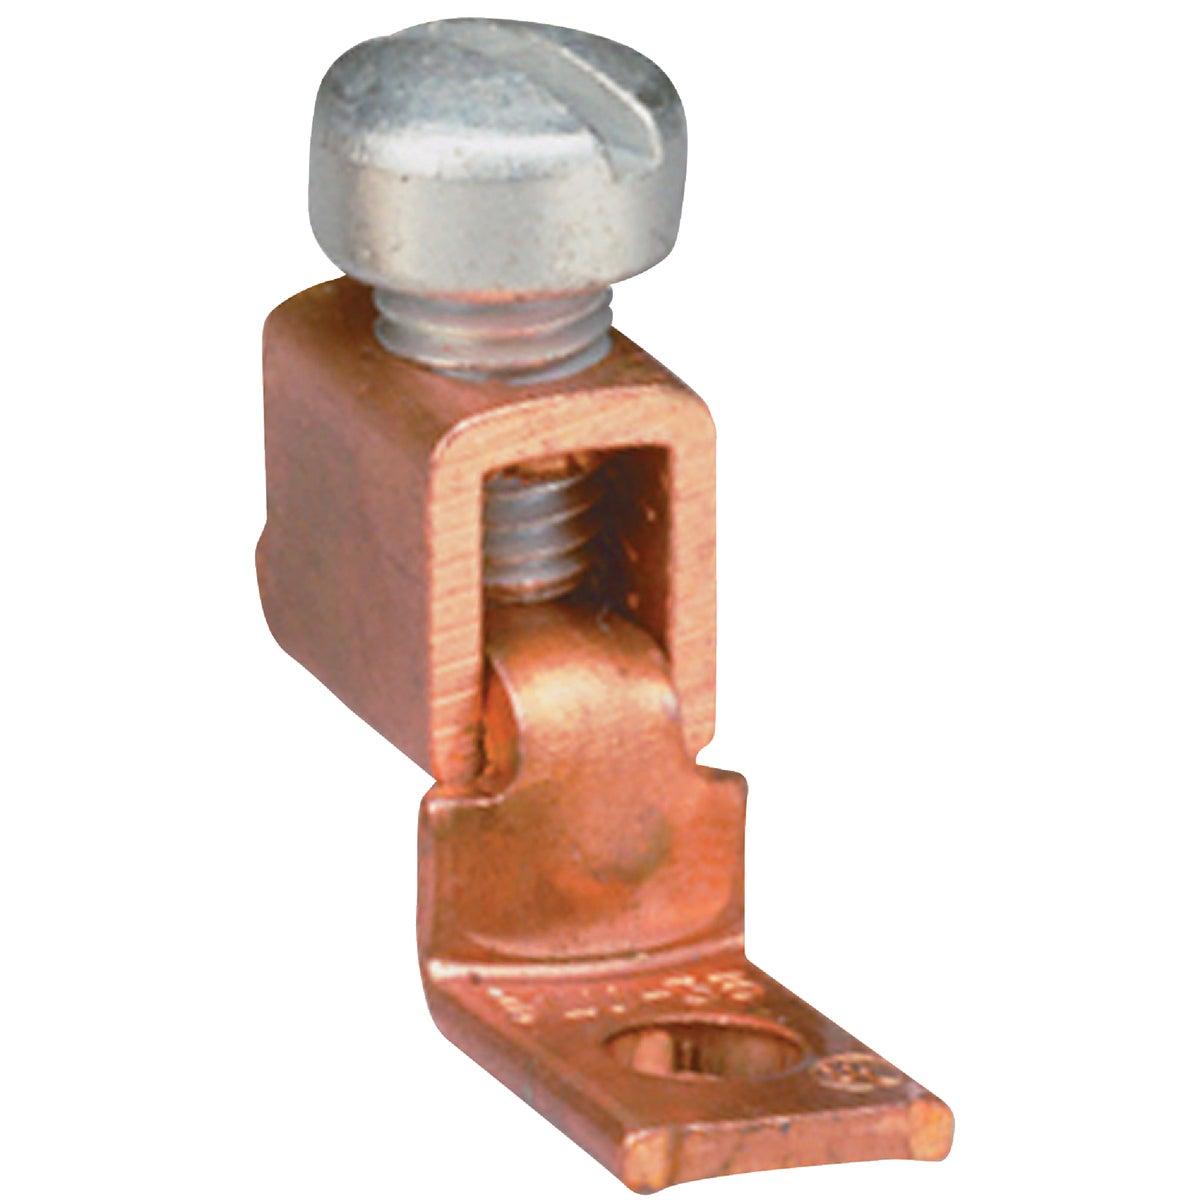 1/0-6 MECHANICAL LUG - GSLU-125 by G B Electrical Inc